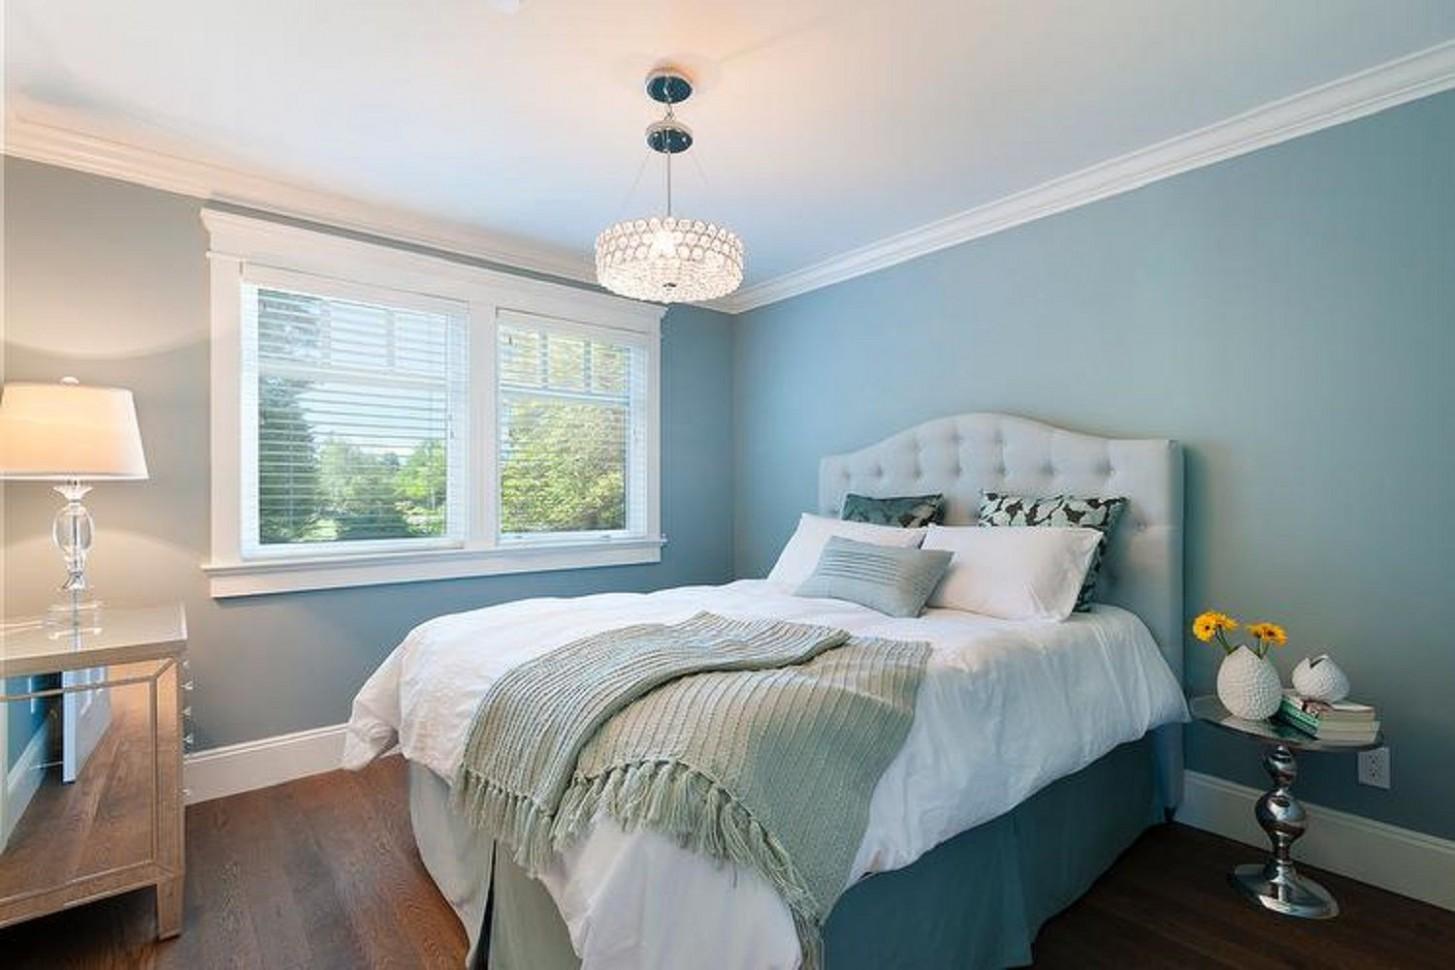 12 Stunning Blue Bedroom Ideas - Bedroom Ideas Light Blue Walls